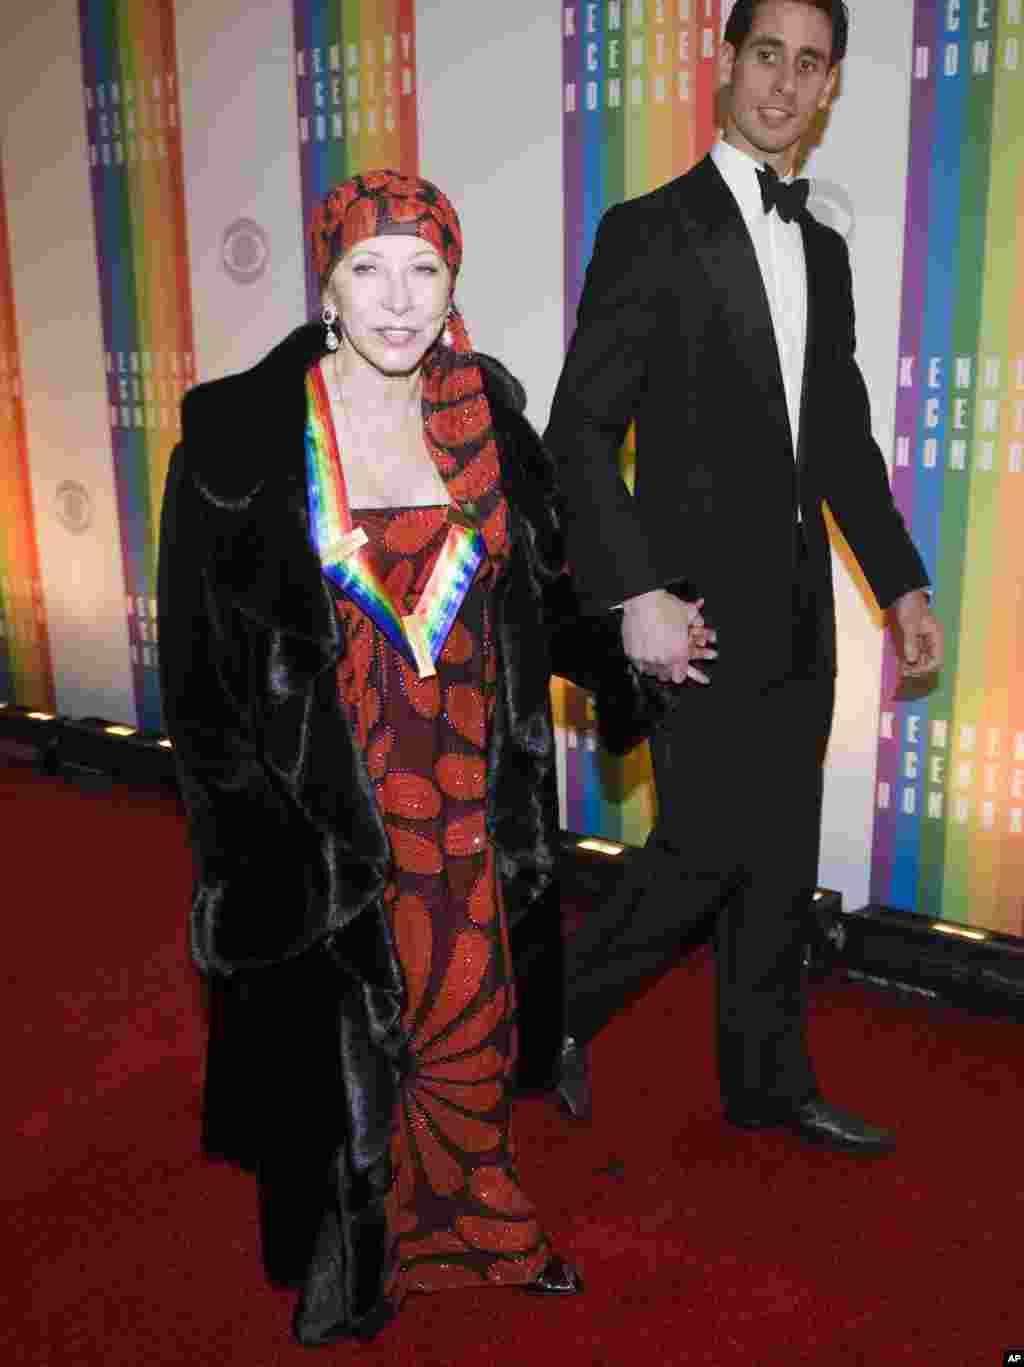 La bailarina Natalia Makarova llegó acompañada de su hijo a la premiación donde fue reconocida por su aporte a las artes y a la cultura estadounidense.